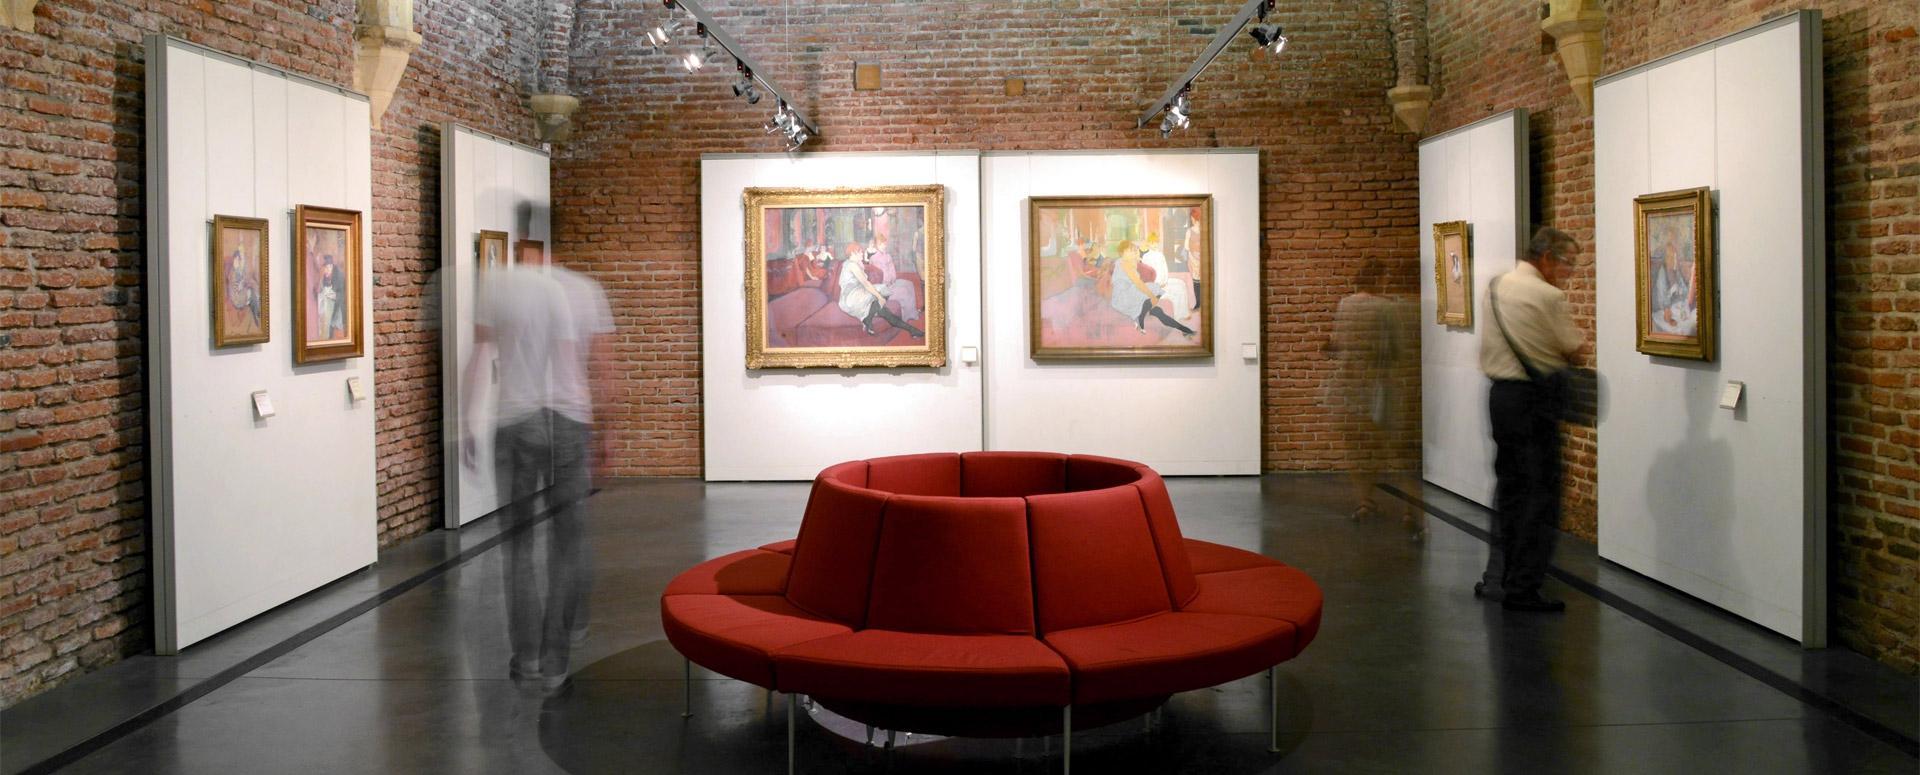 MUSÉE: Musée Toulouse-Lautrec